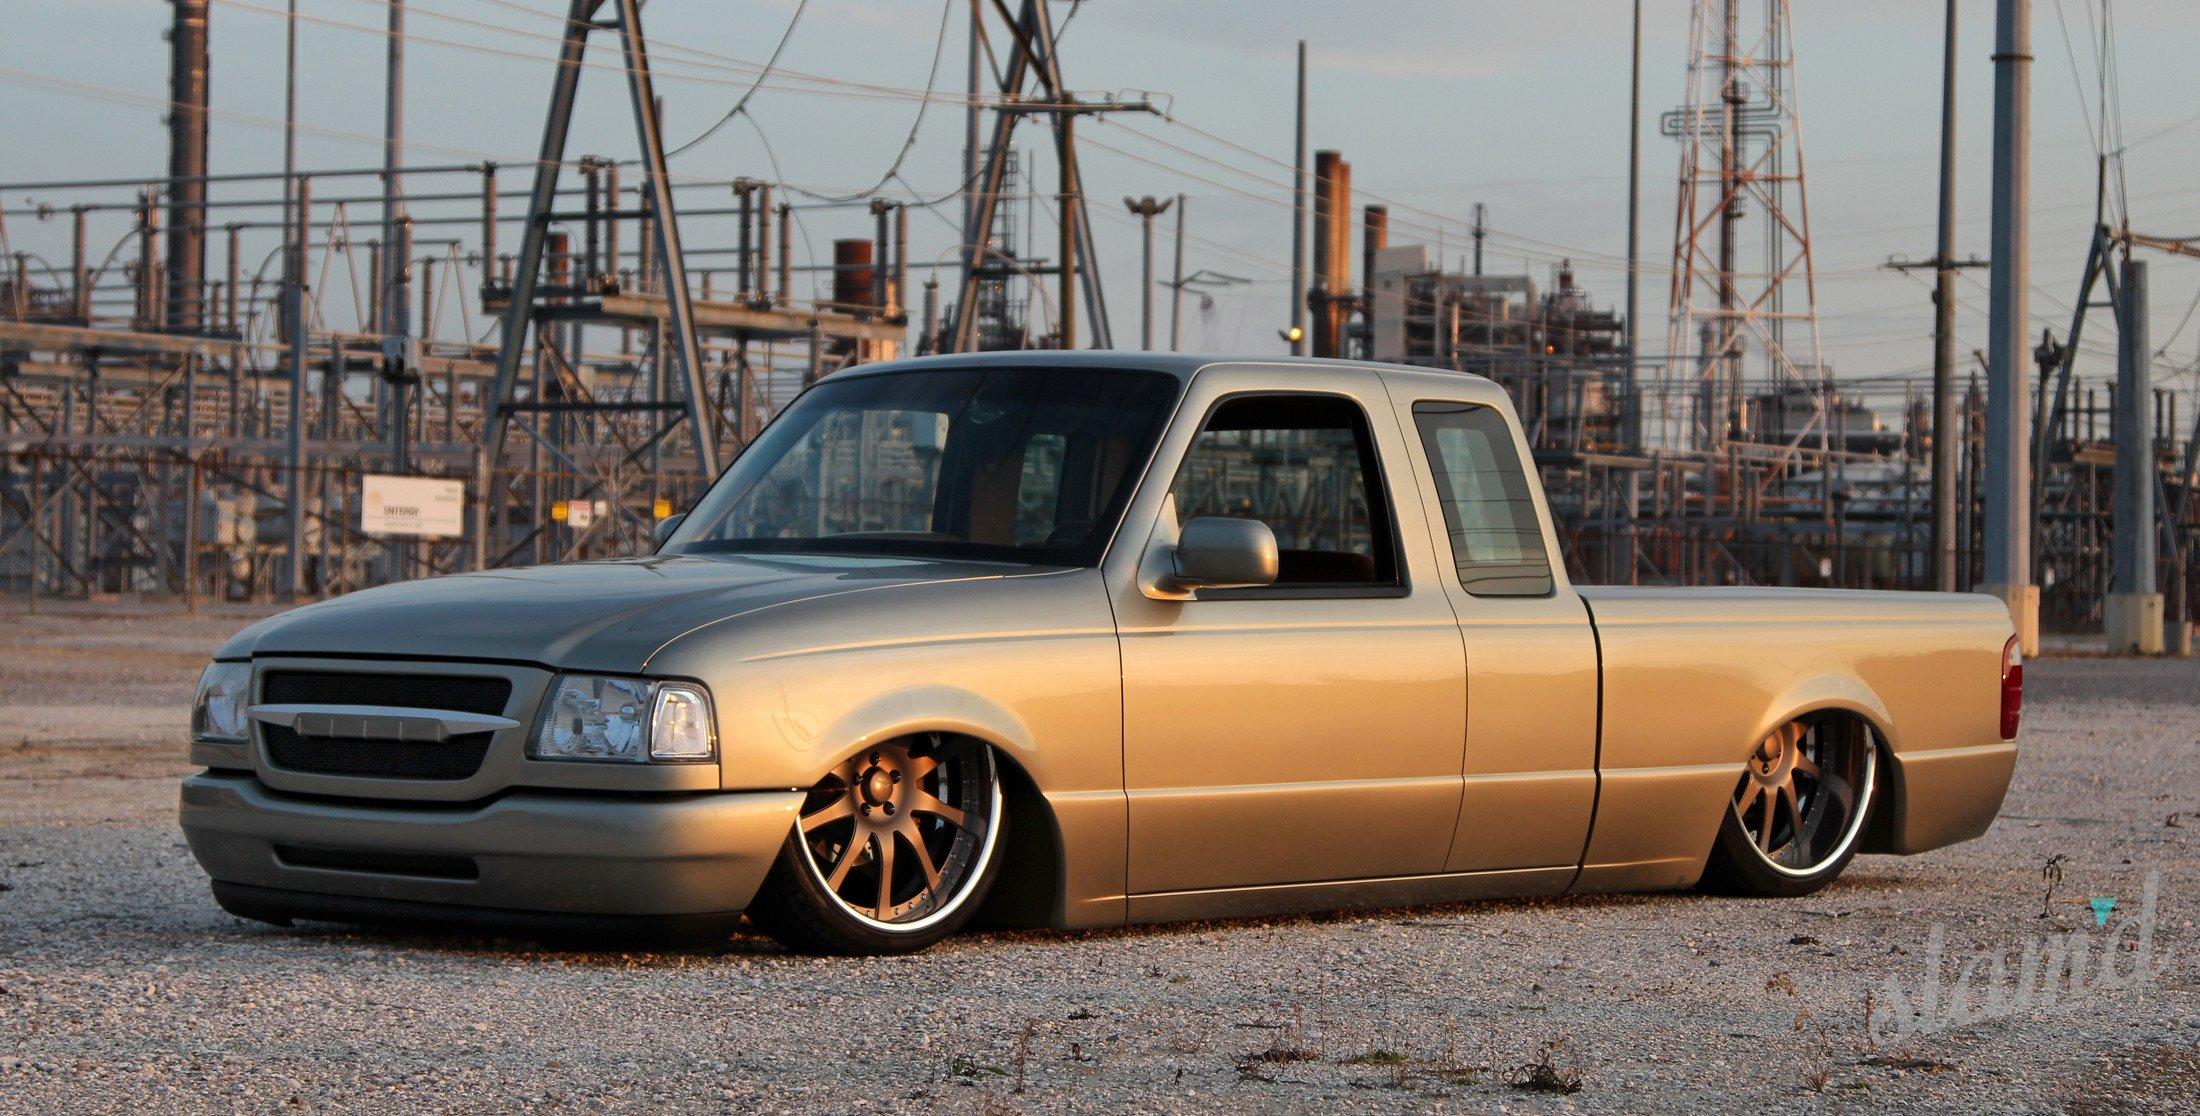 Ford Ranger Tuning >> Ford Ranger pickup lowrider custom tuning d wallpaper ...